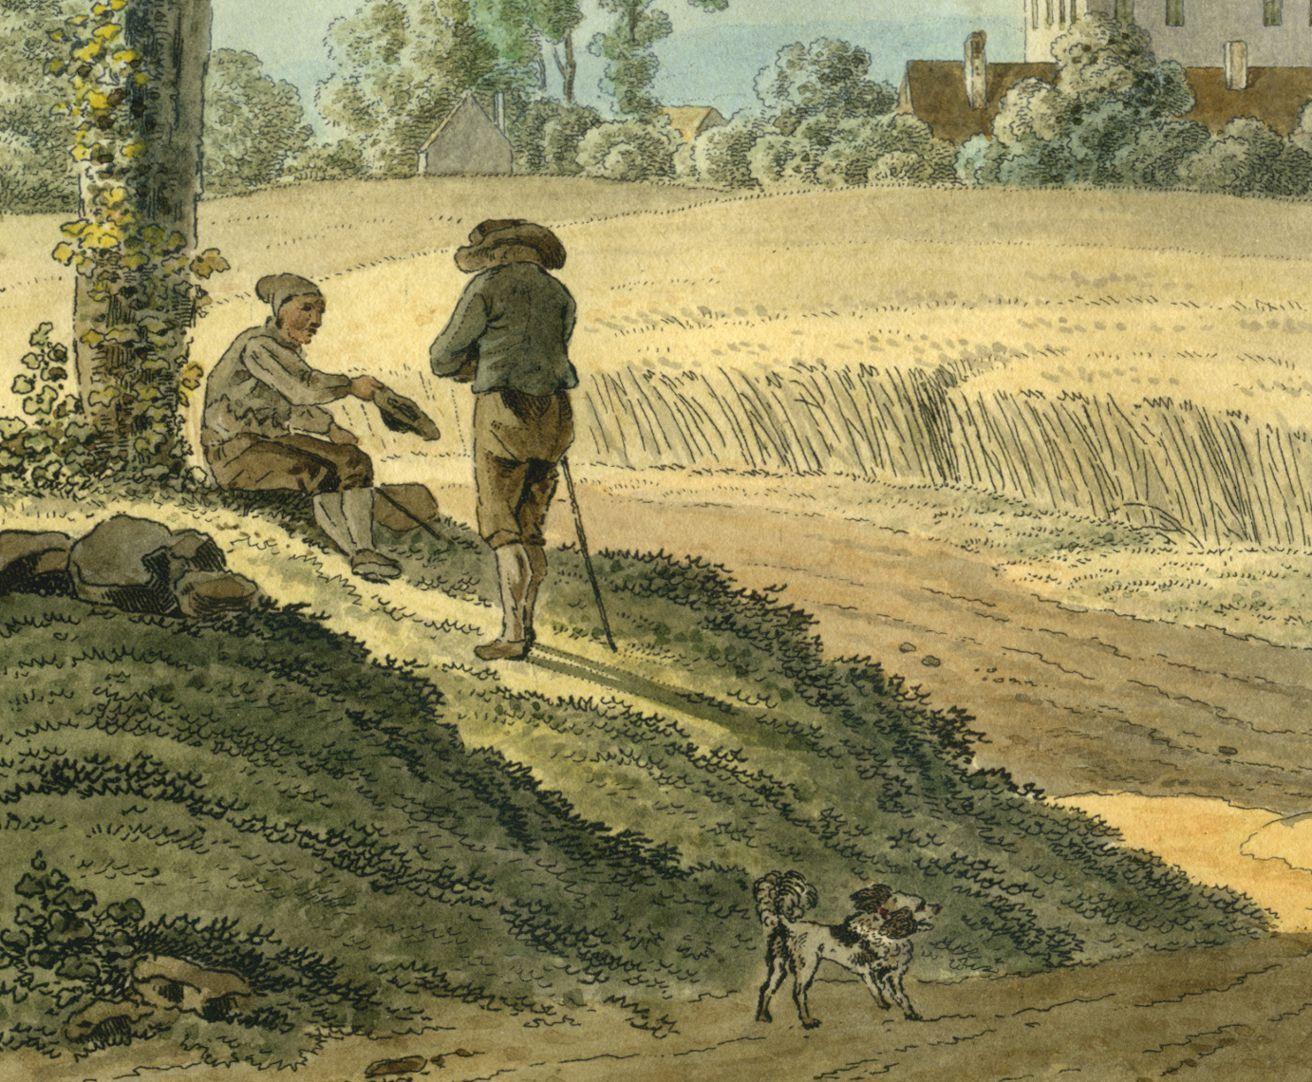 Thumenberg Detailansicht mit Staffage am linken unteren Bildrand